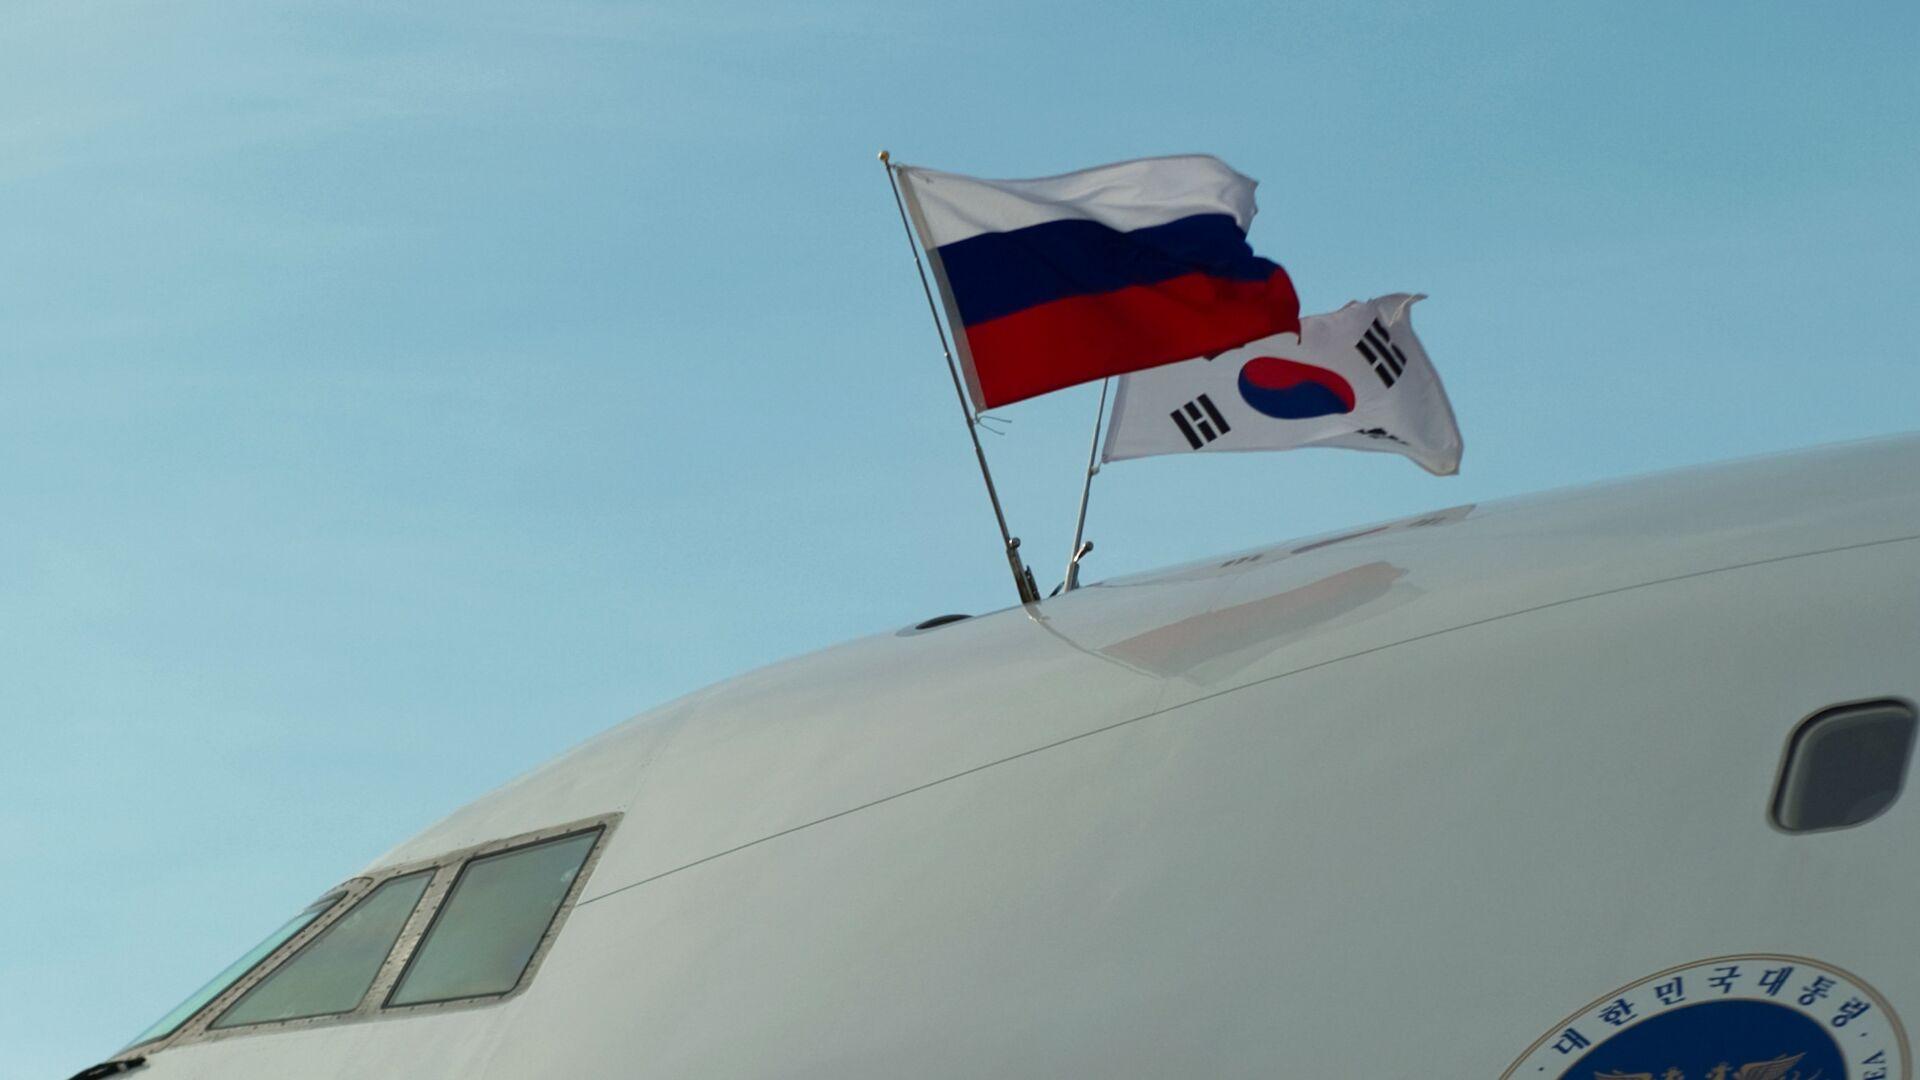 Banderas de Rusia y Corea del Sur - Sputnik Mundo, 1920, 29.03.2021